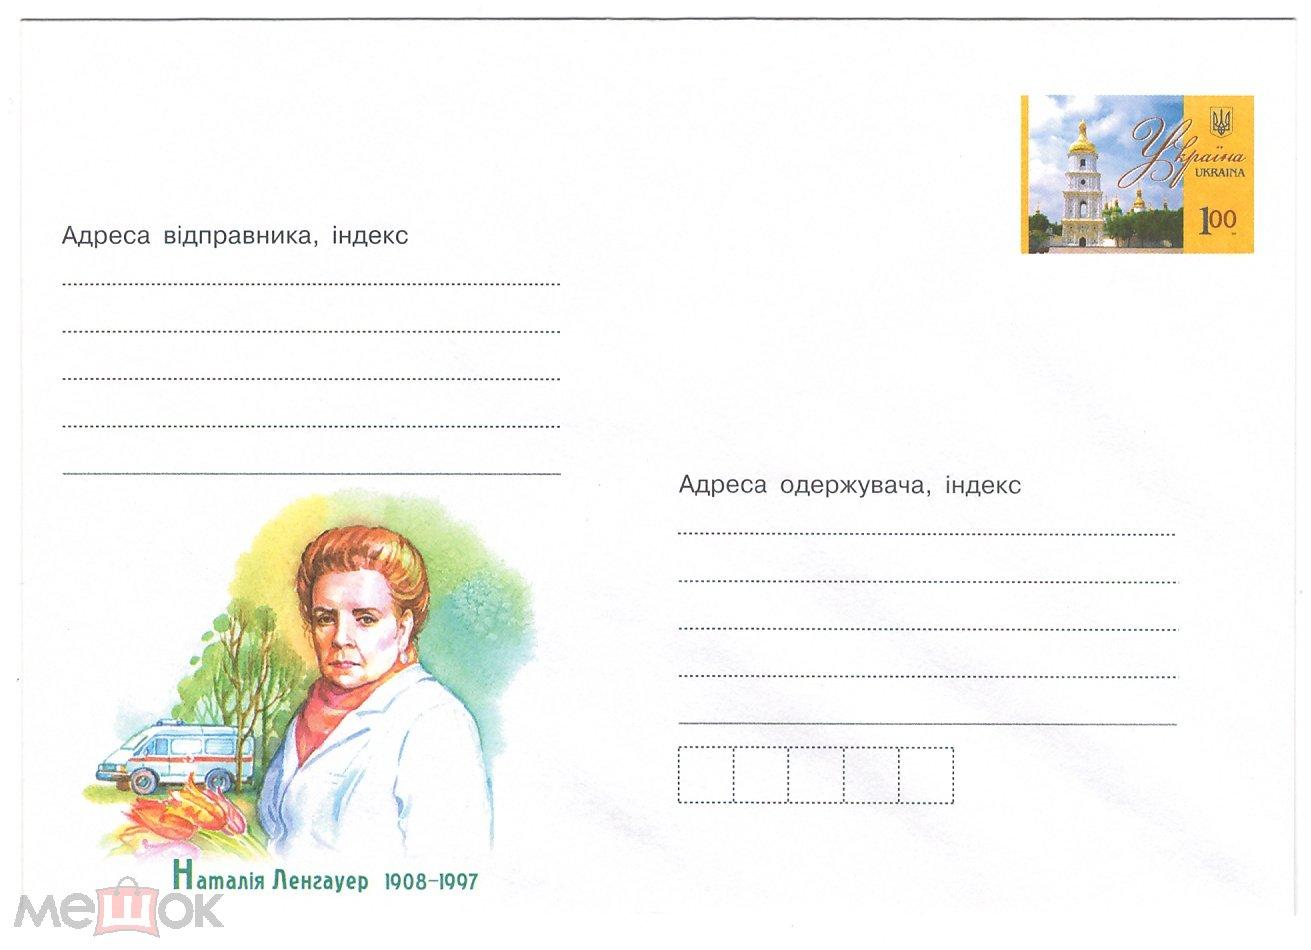 ХМК Украина. 2008. Наталия Андреевна Ленгауэр.